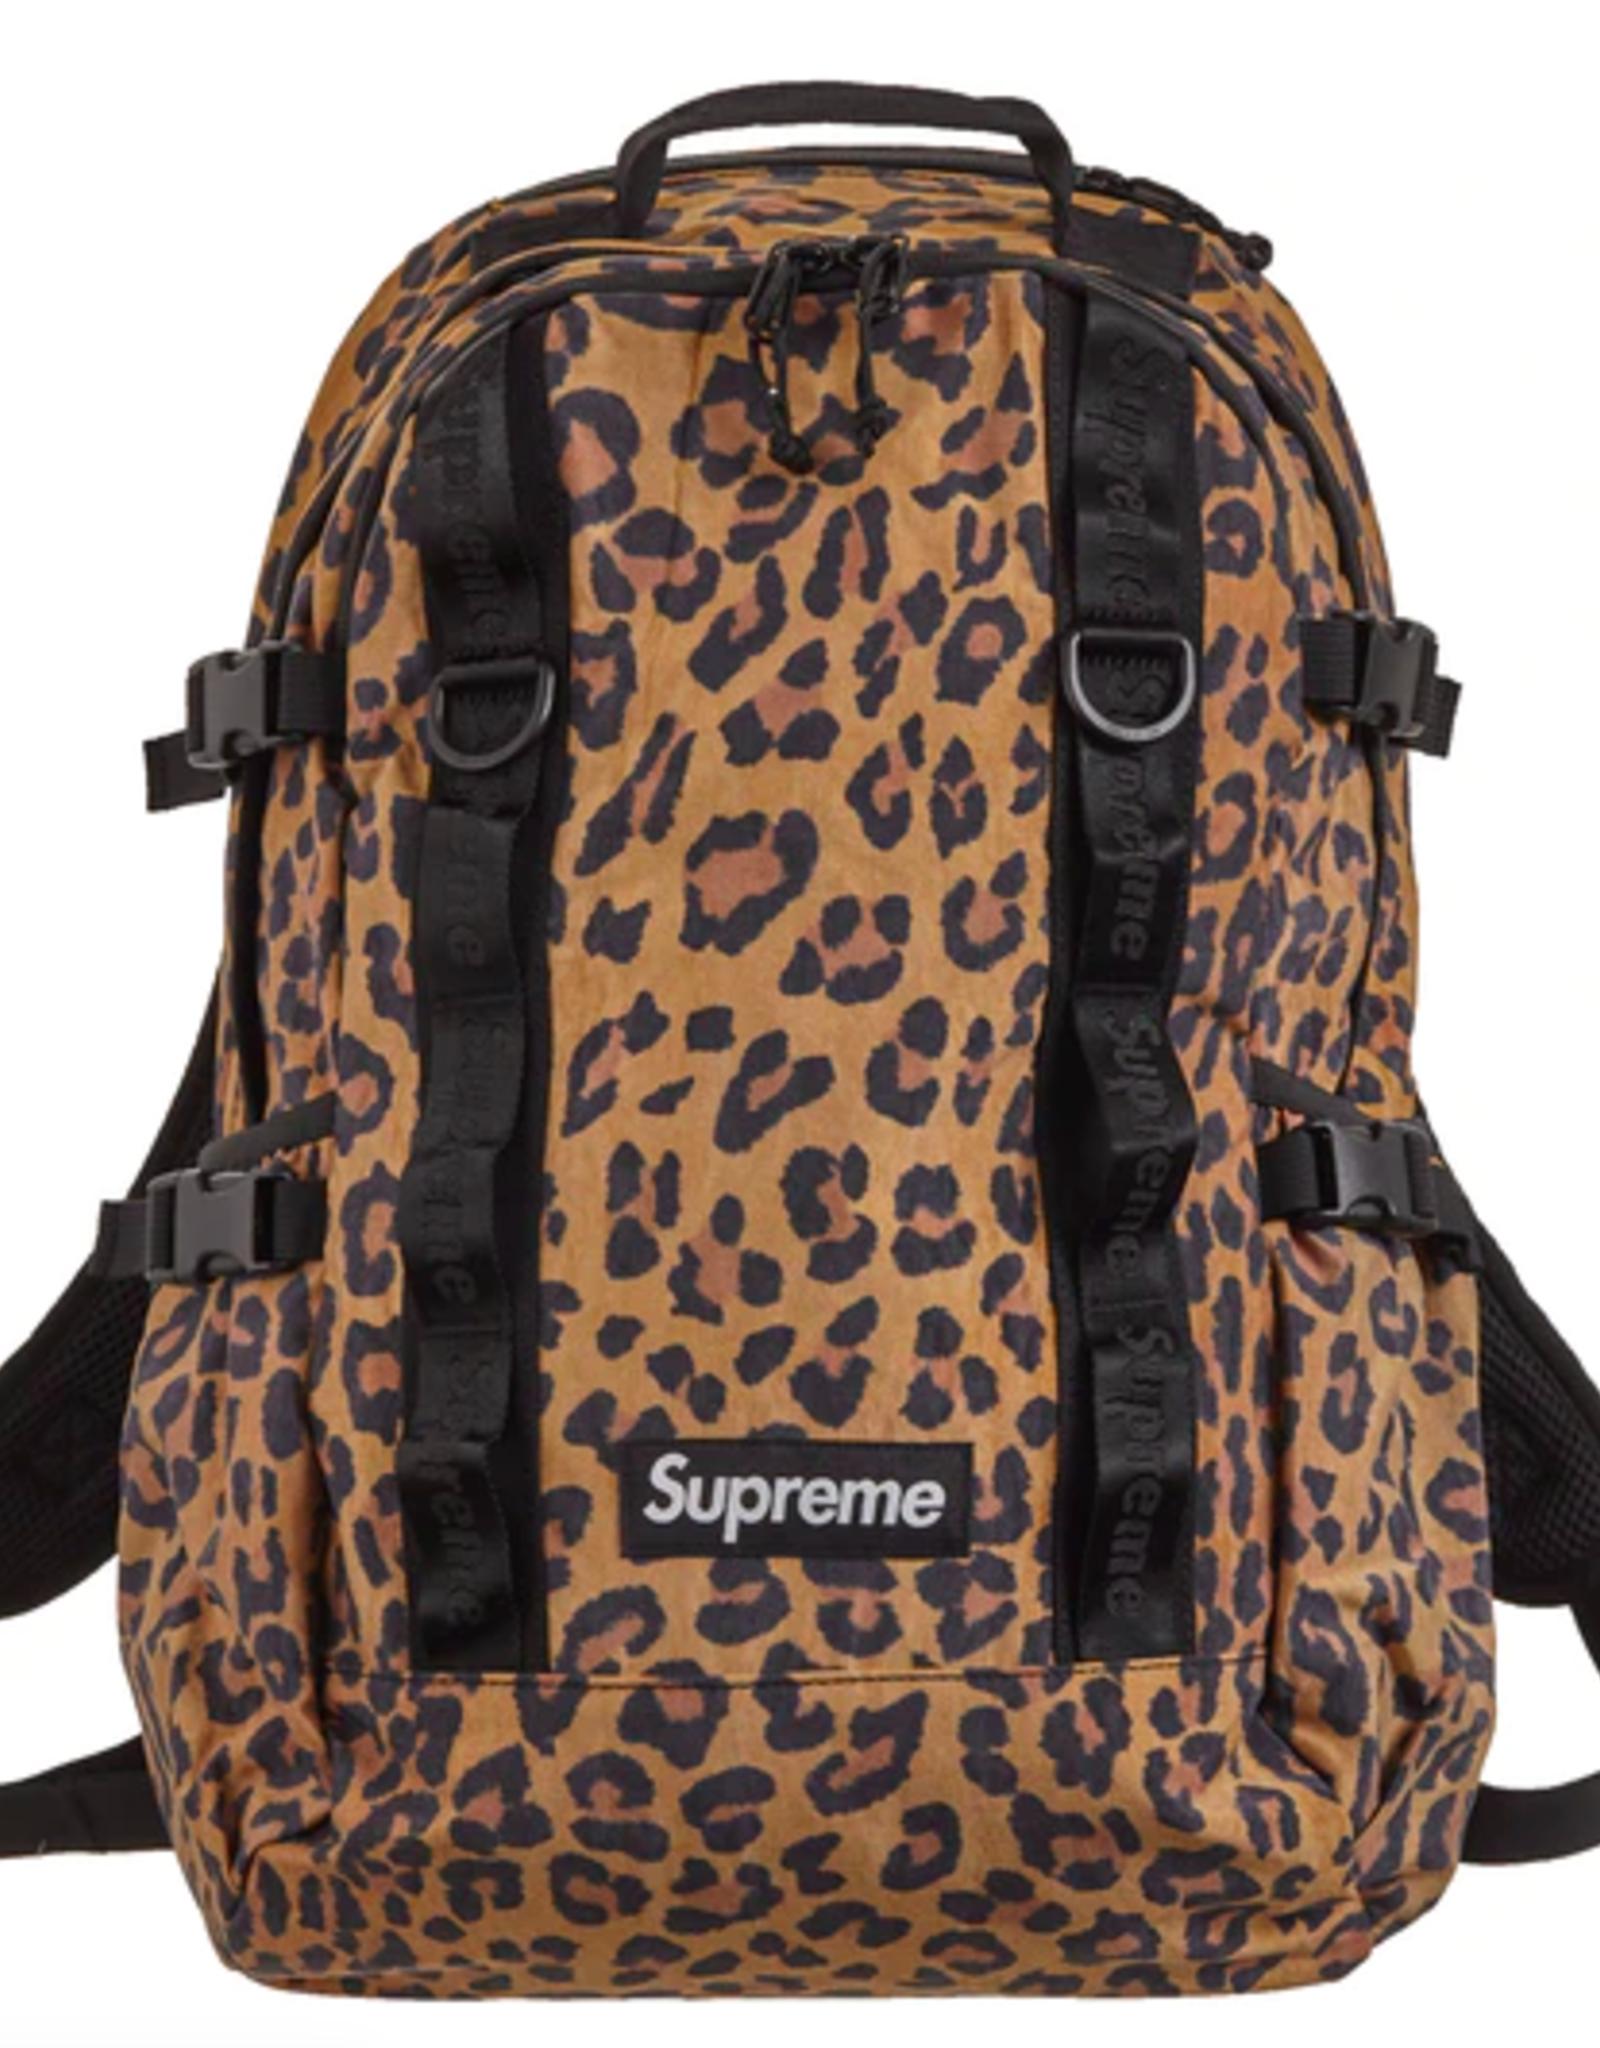 SUPREME Supreme Backpack (FW20) Leopard